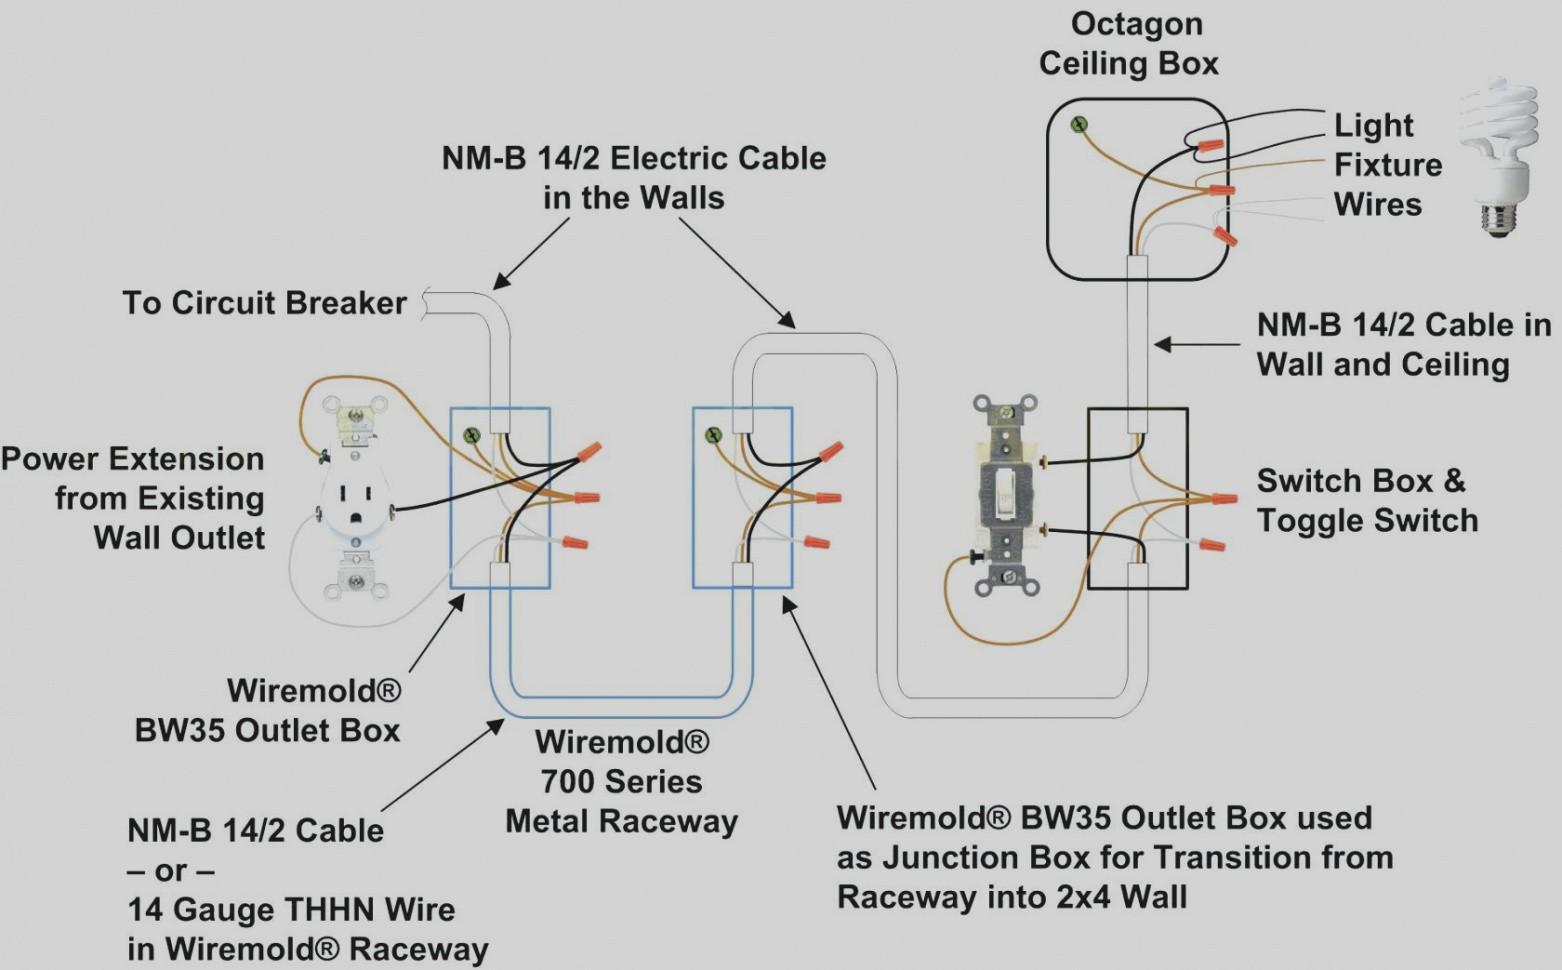 L530 Electric Plug Wiring Diagram - Wiring Diagram And Schematics on 30a 125 250v locking plug wiring diagram, nema l14-30 wiring diagram, 3 prong plug wiring diagram, nema 14 30 wiring diagram, 220 volt twist lock wiring diagram,